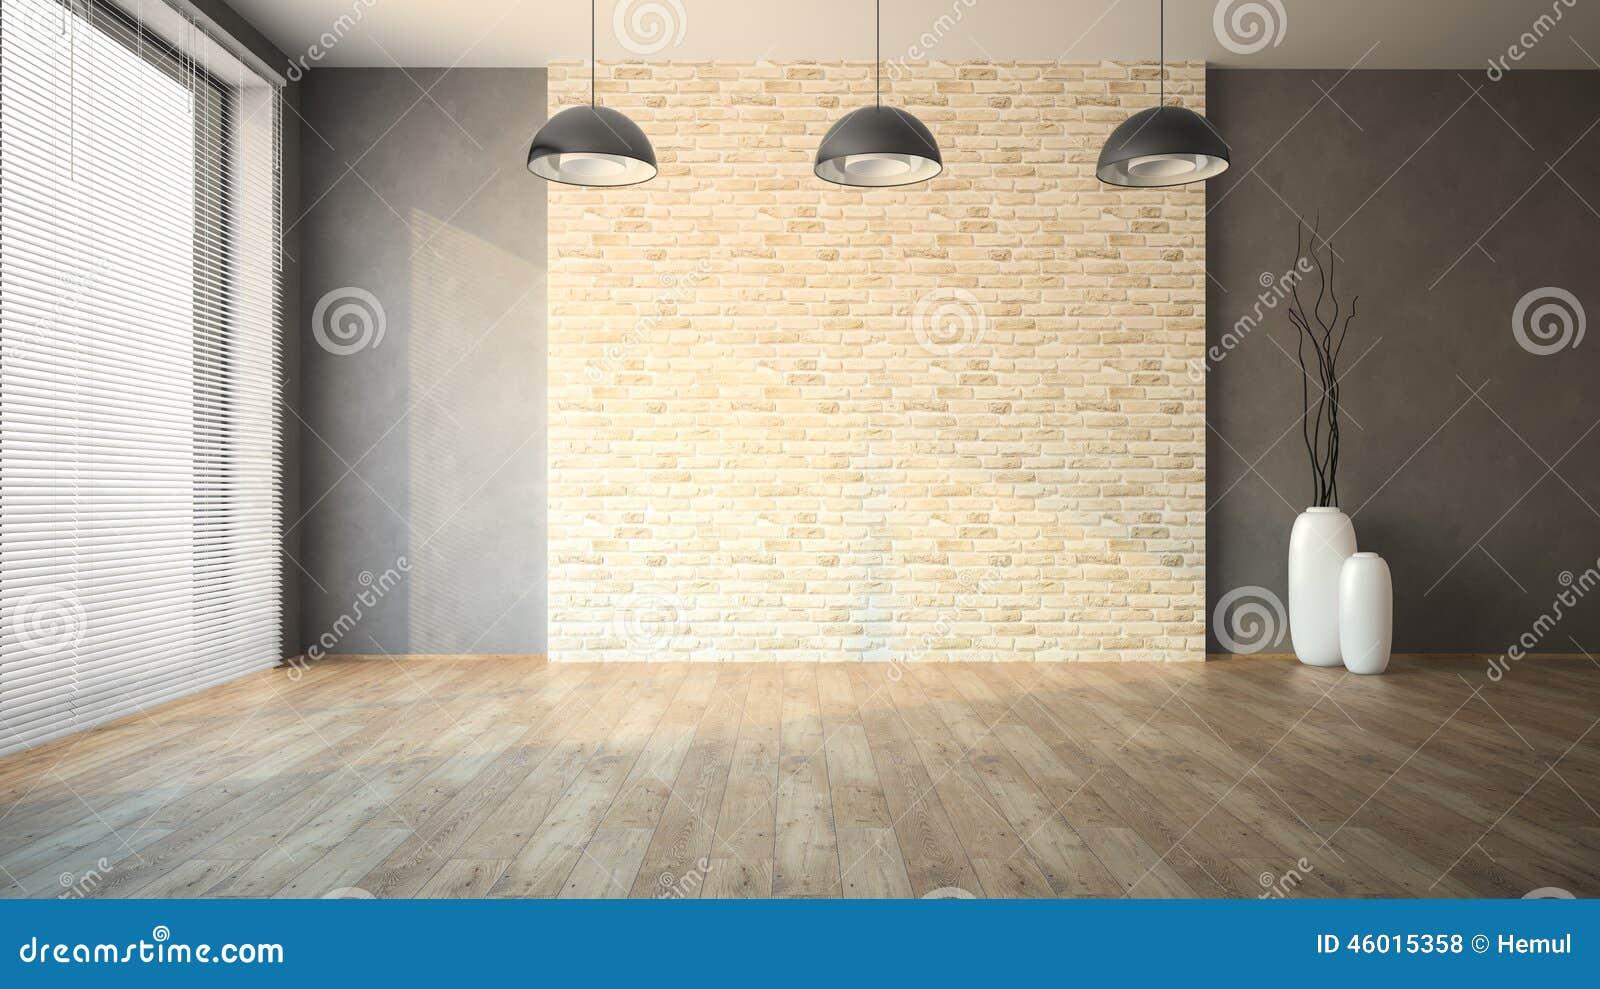 Plant Shelves Indoor Bedroom